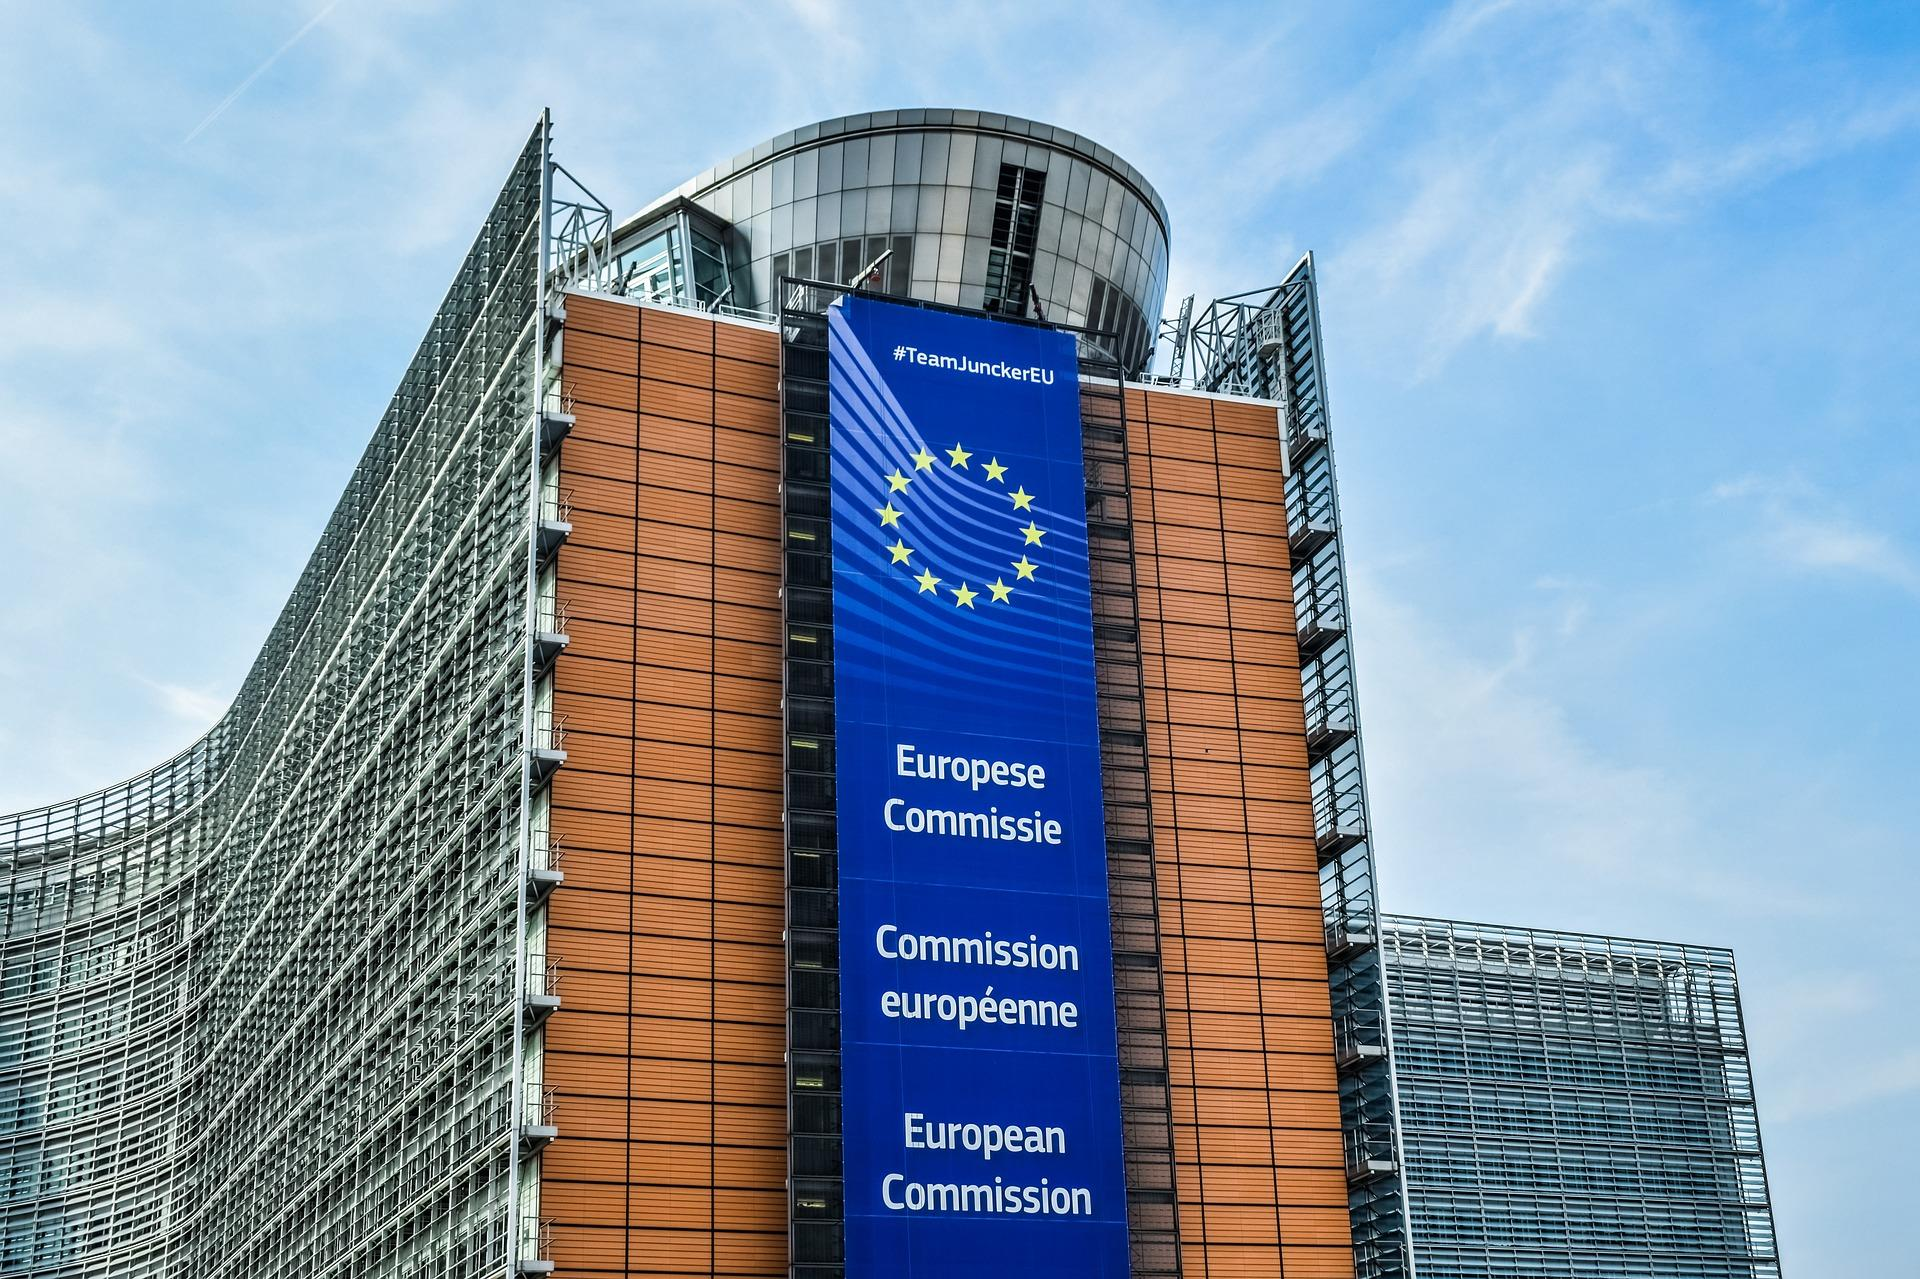 """Übertragung von Hoheitsrechten an supranationale Organisationen — der Fall """"Europaschule"""""""